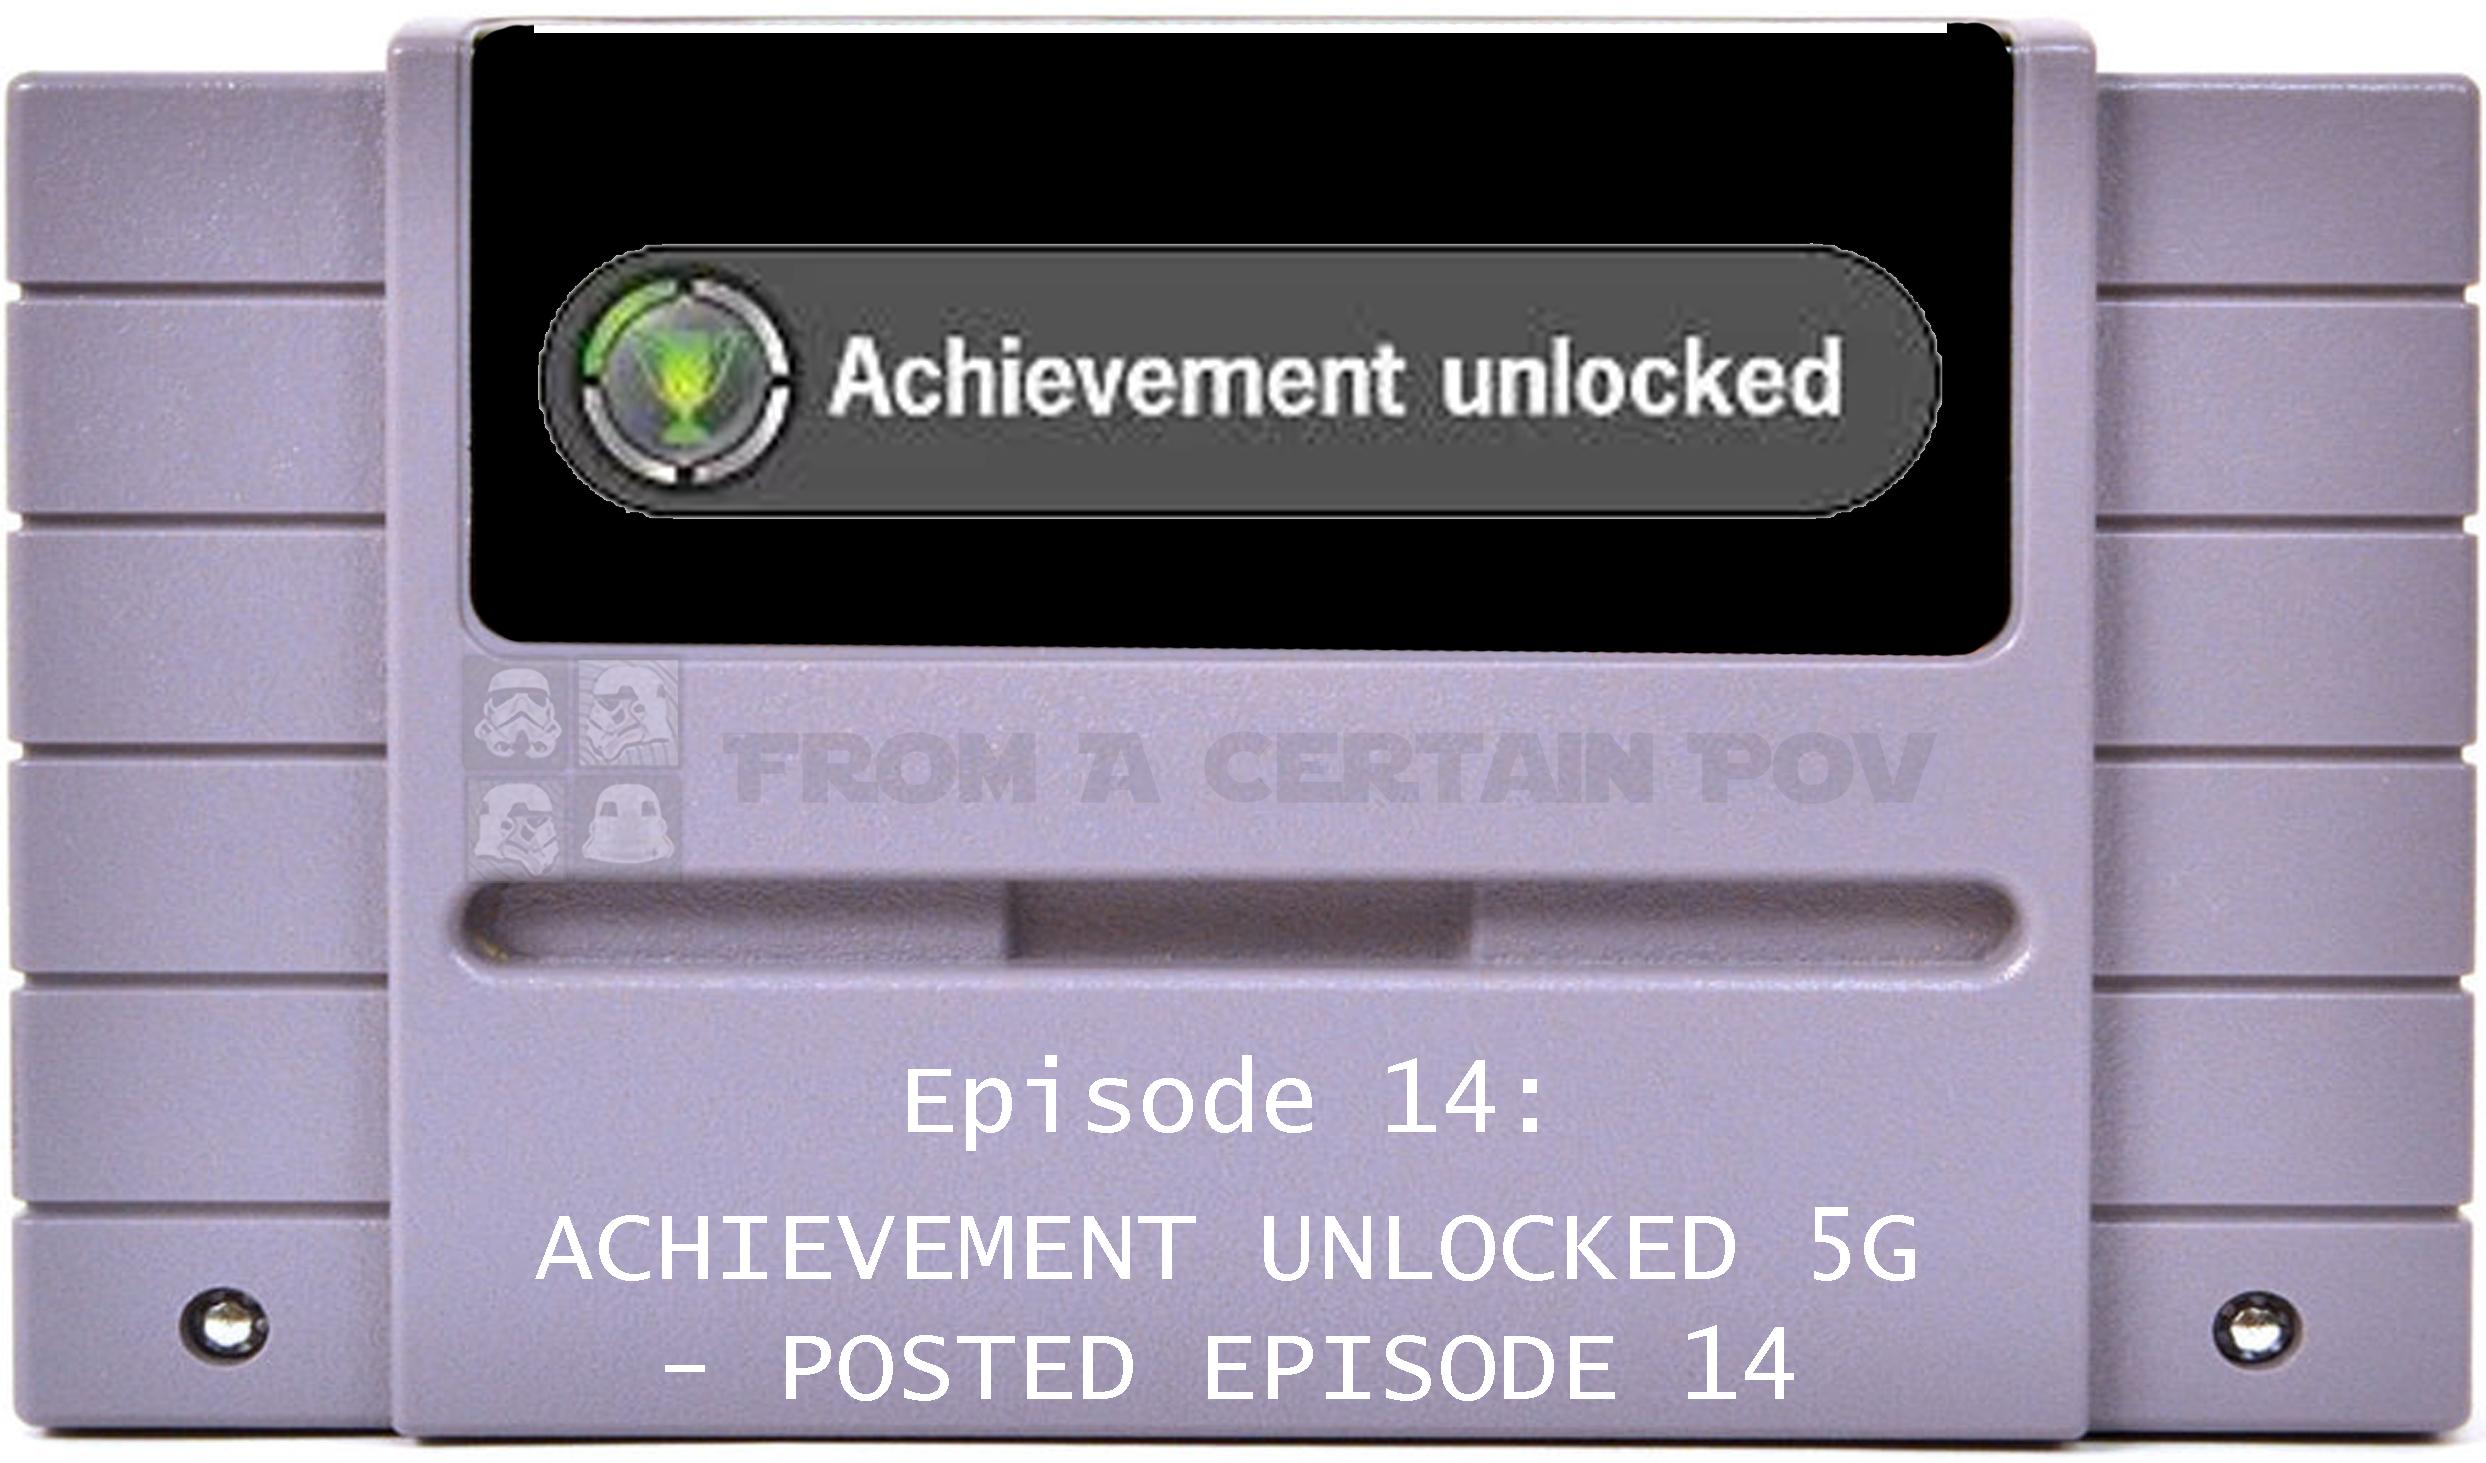 14 - ACHIEVEMENT UNLOCKED 5G - POSTED EPISODE 14.jpg